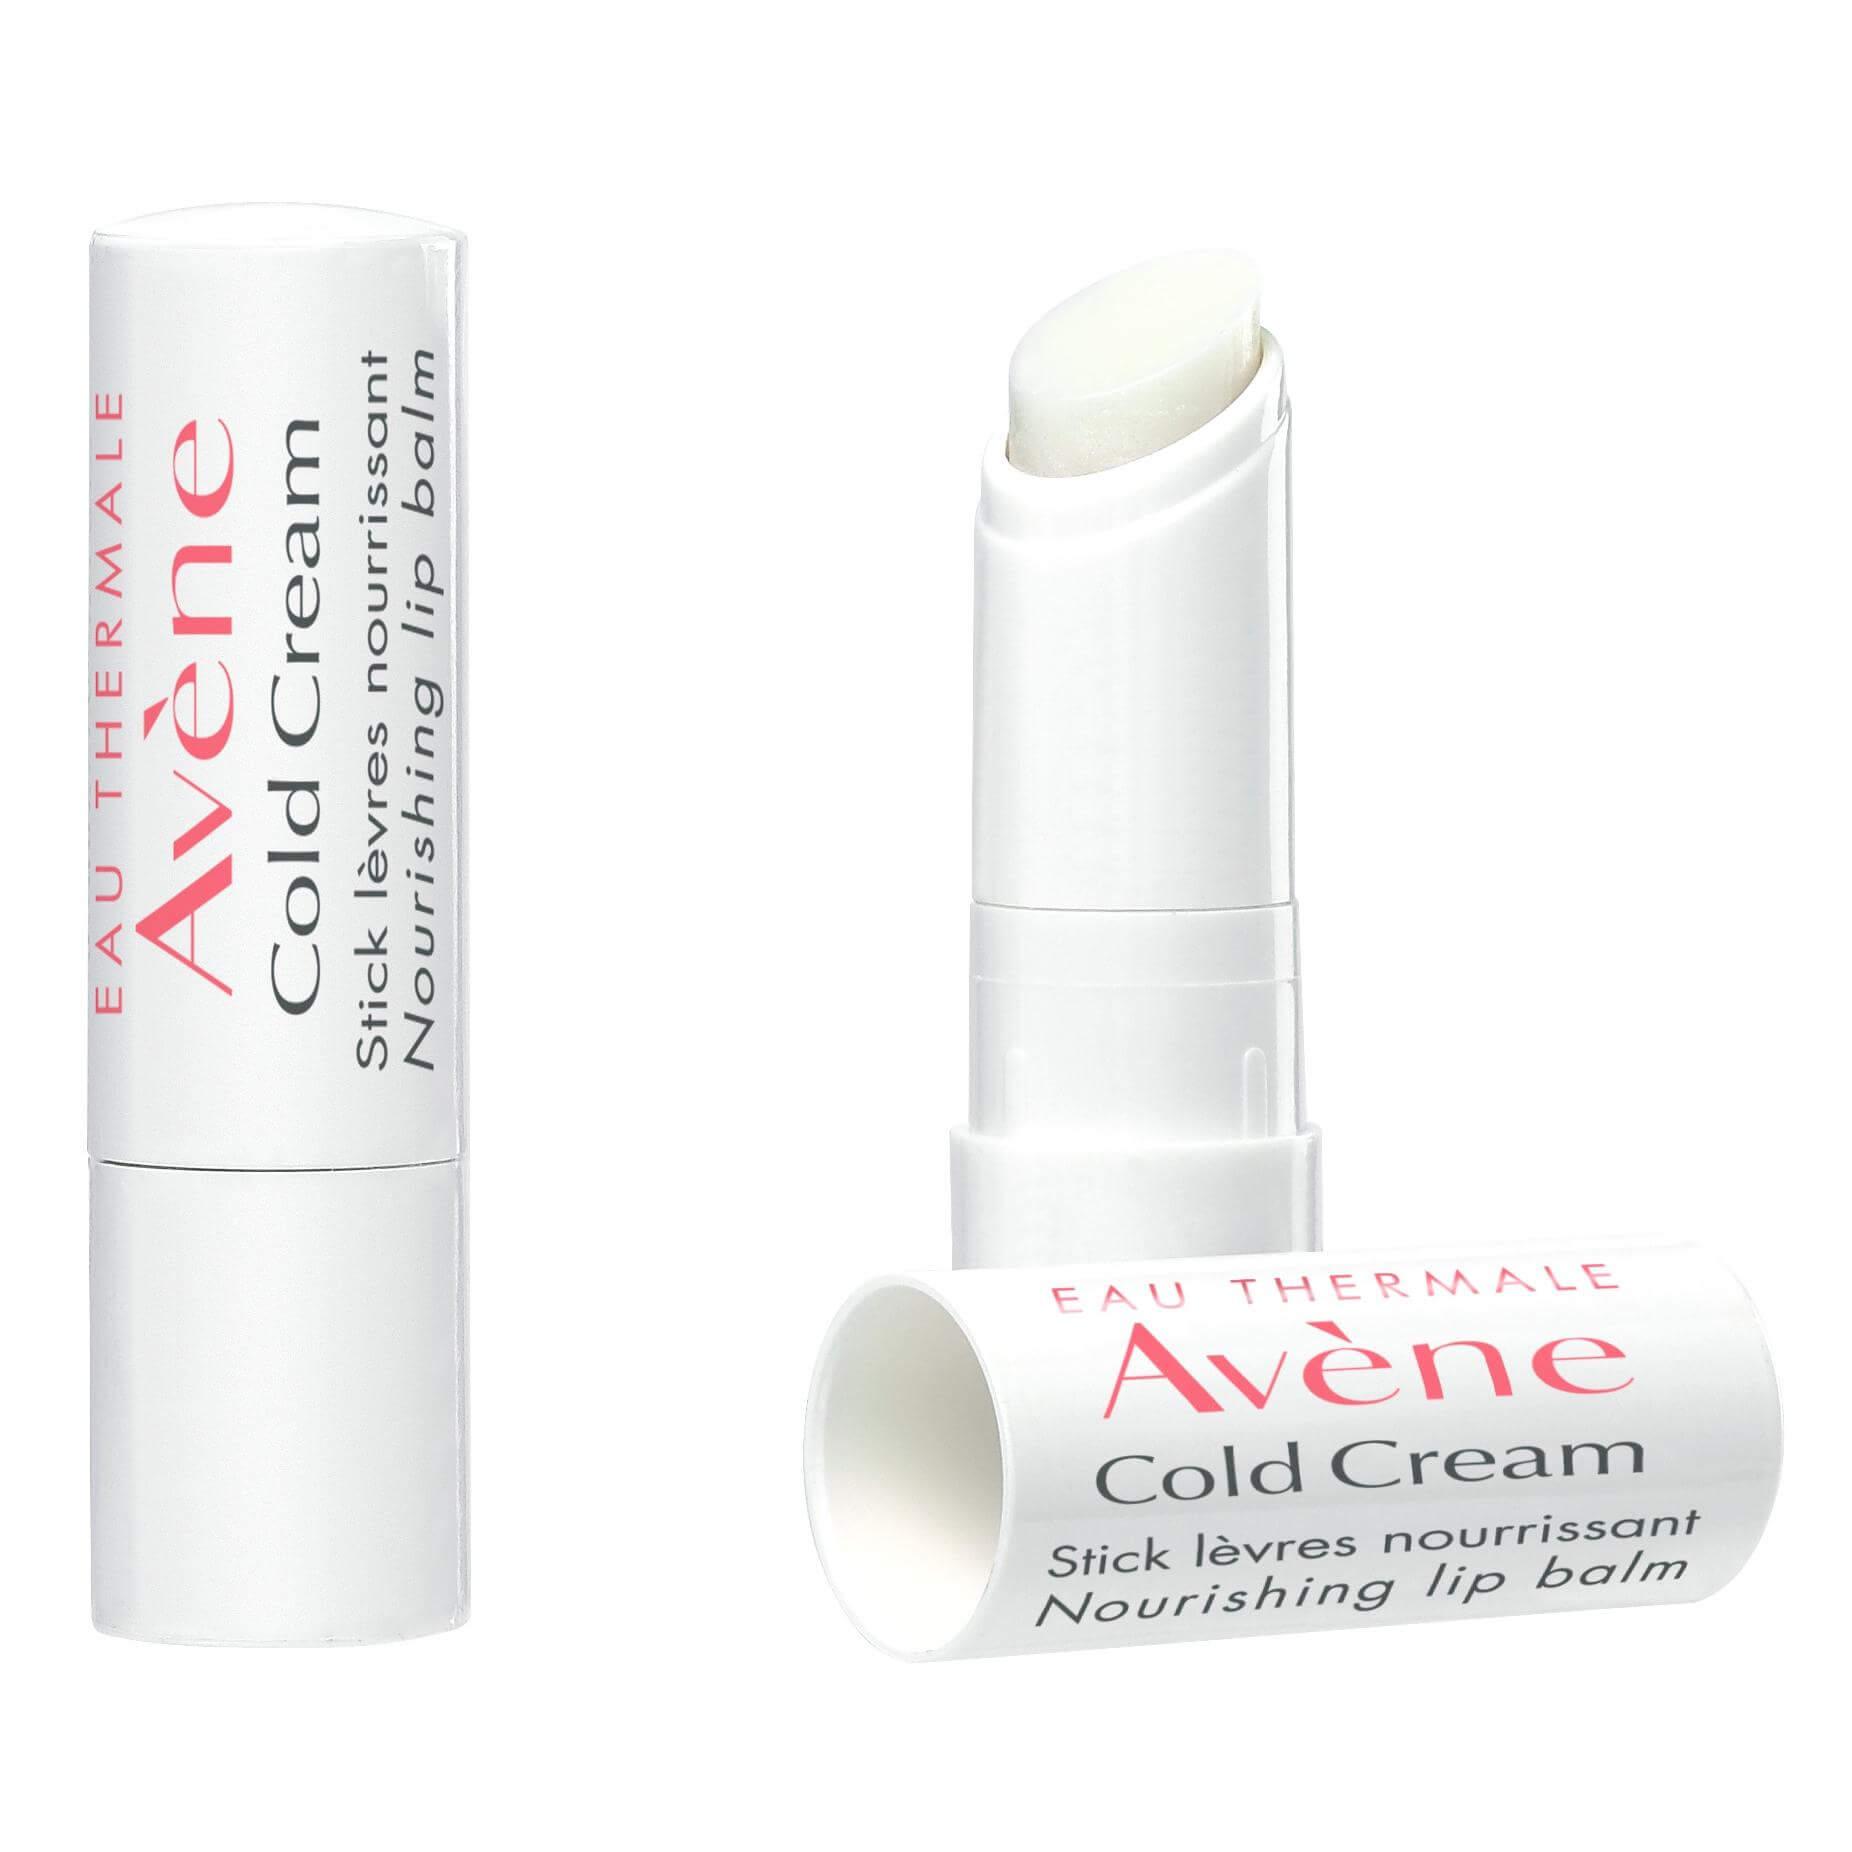 Avene Cold Cream Stick Levres Nourrisant για Ξηρά & Ταλαιπωρημένα Χείλη 4g